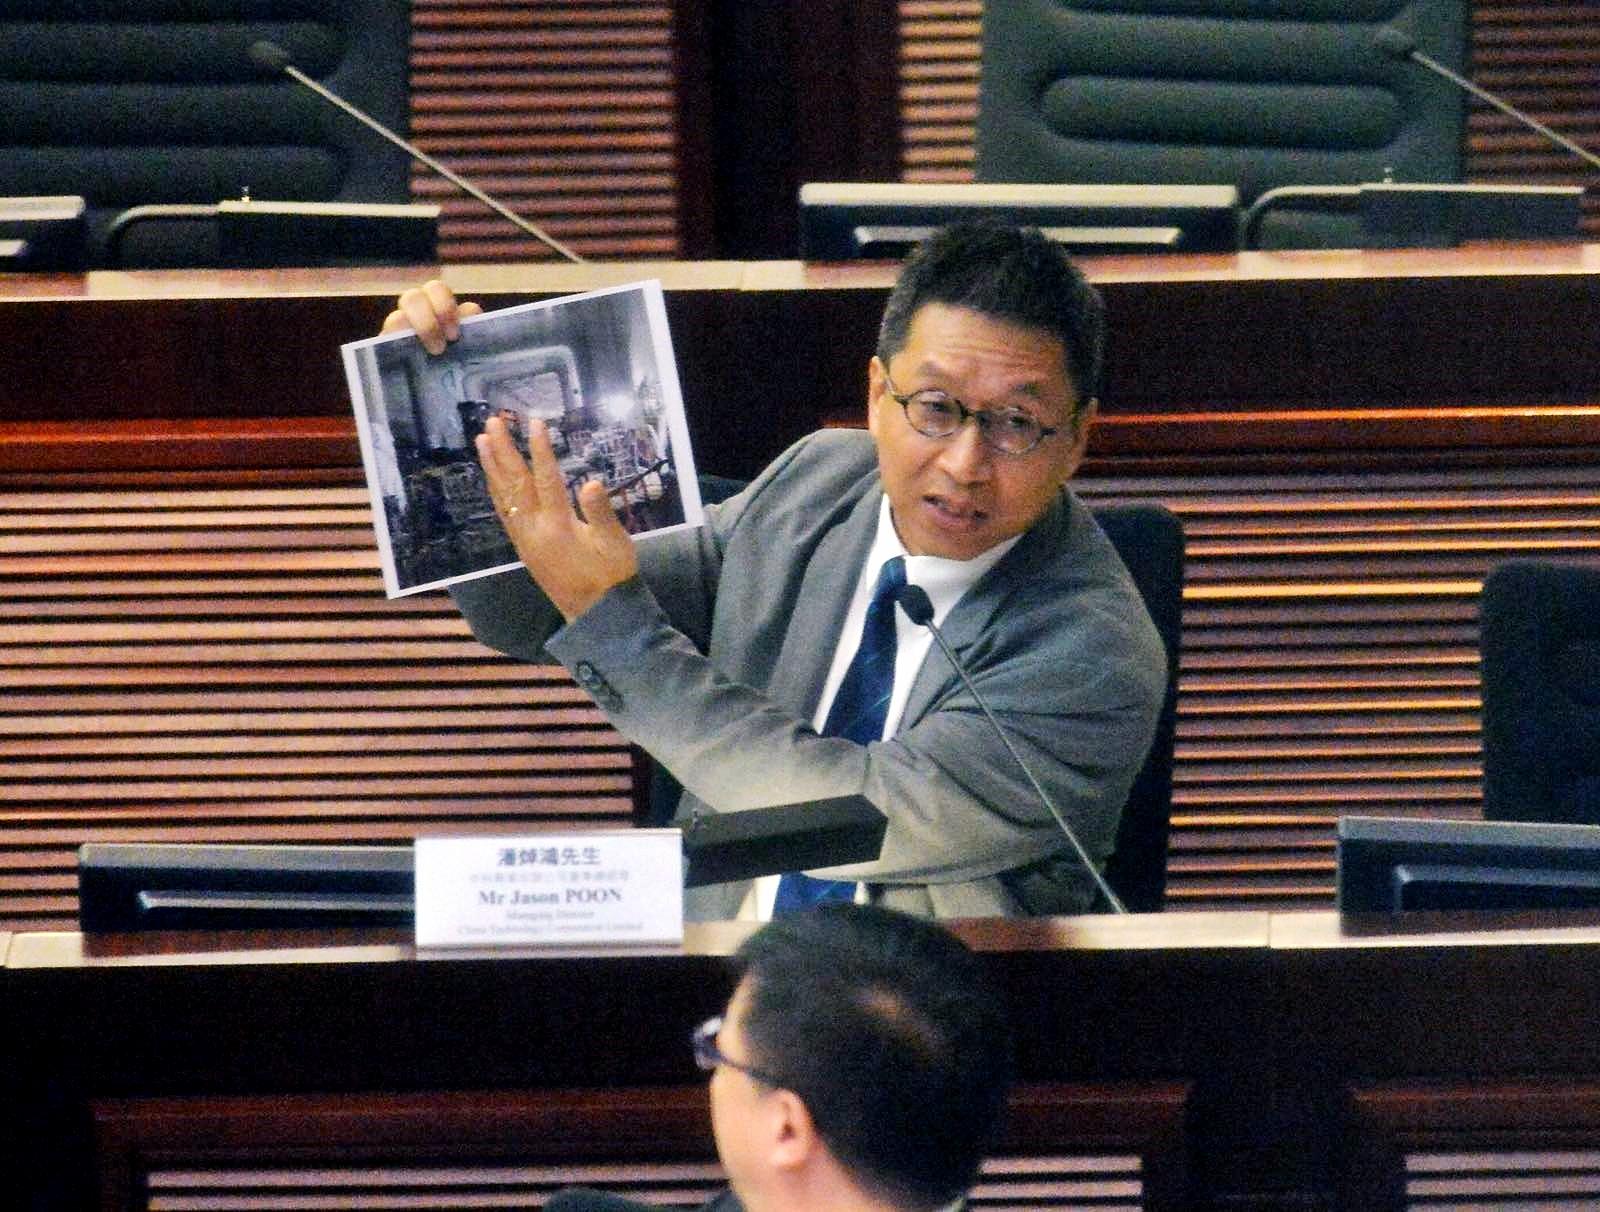 潘焯鴻稱有80GB與工程相關的相片和影片,已轉交執法部門。